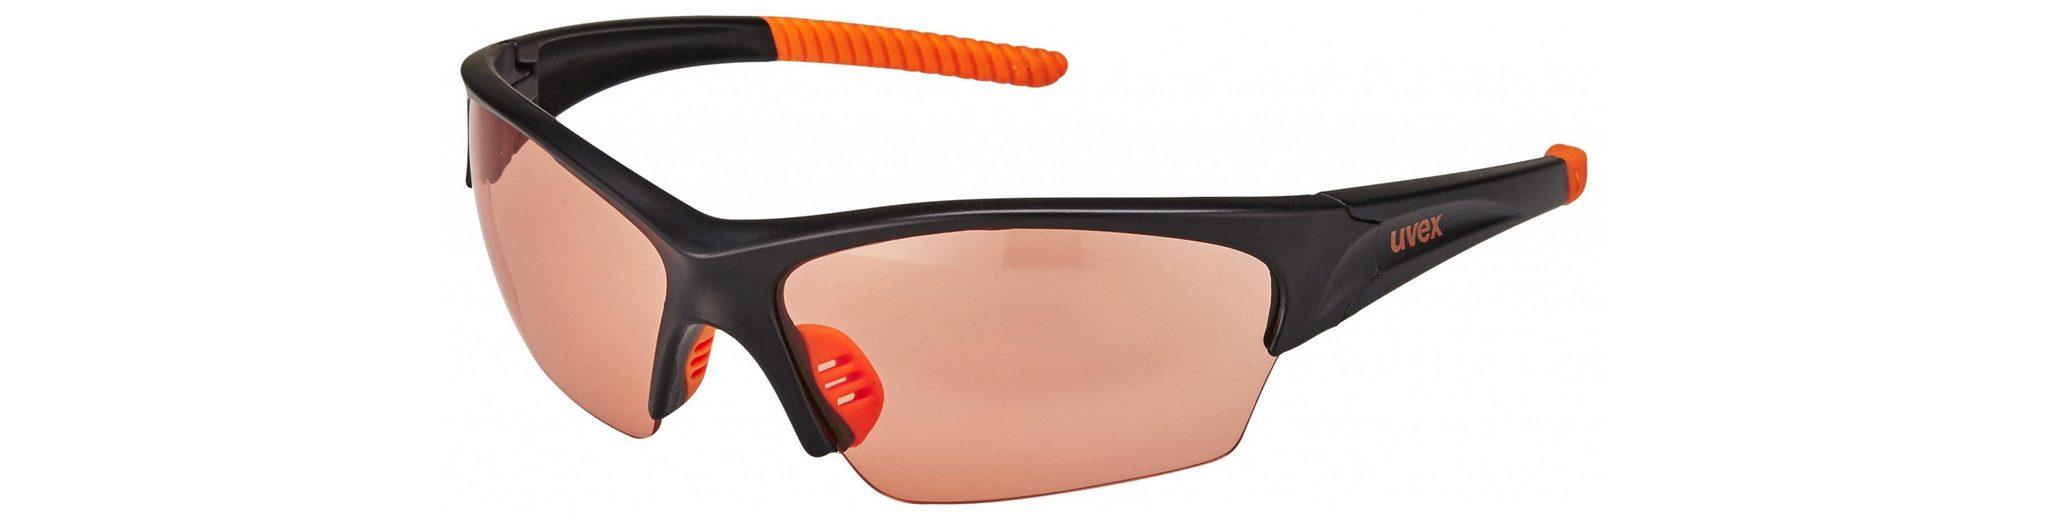 UVEX Radsportbrille »sunsation Brille«